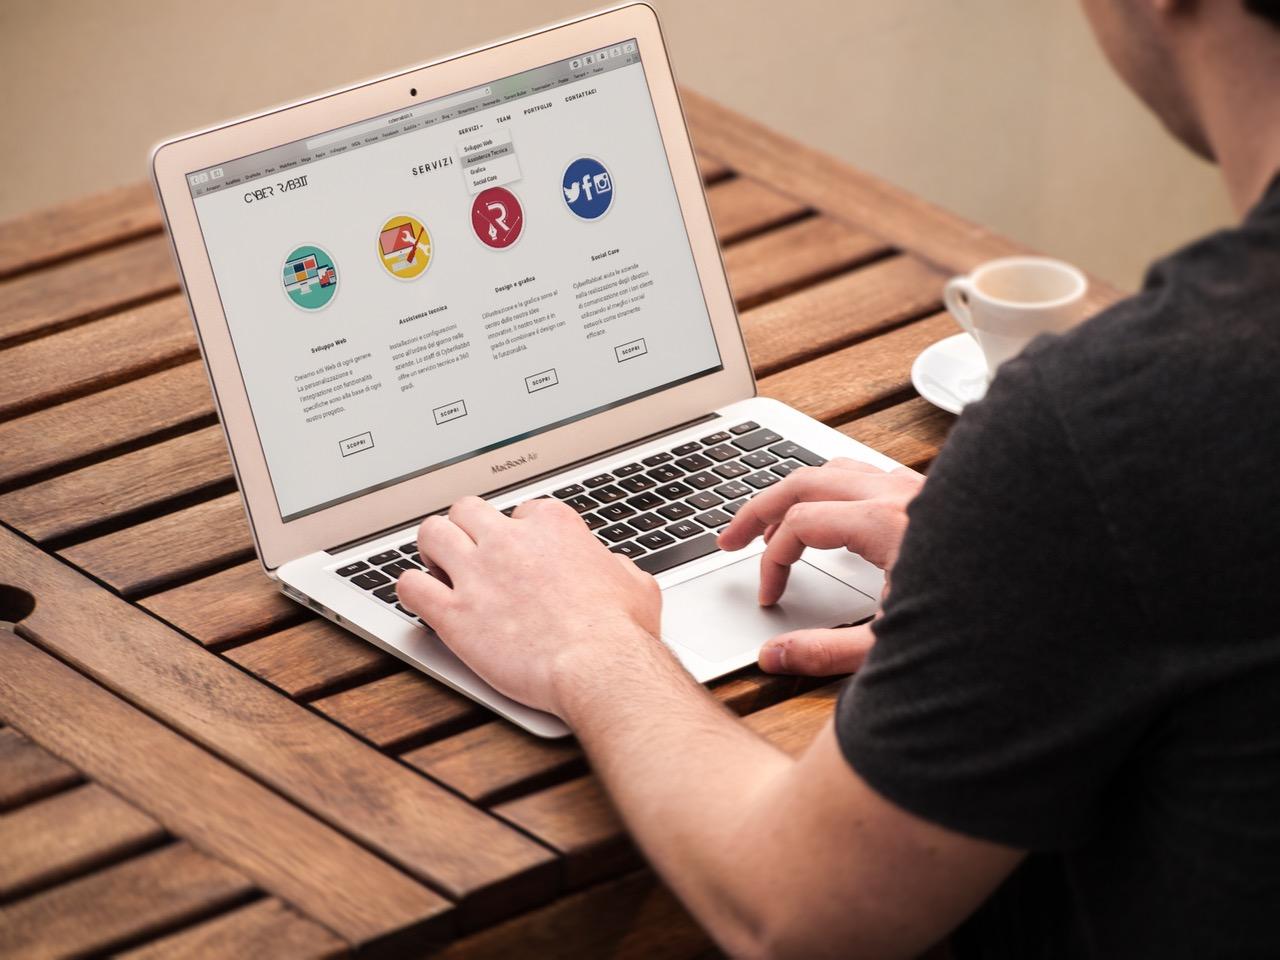 ウェブ初心者がポータルサイトを利用するメリットとデメリット